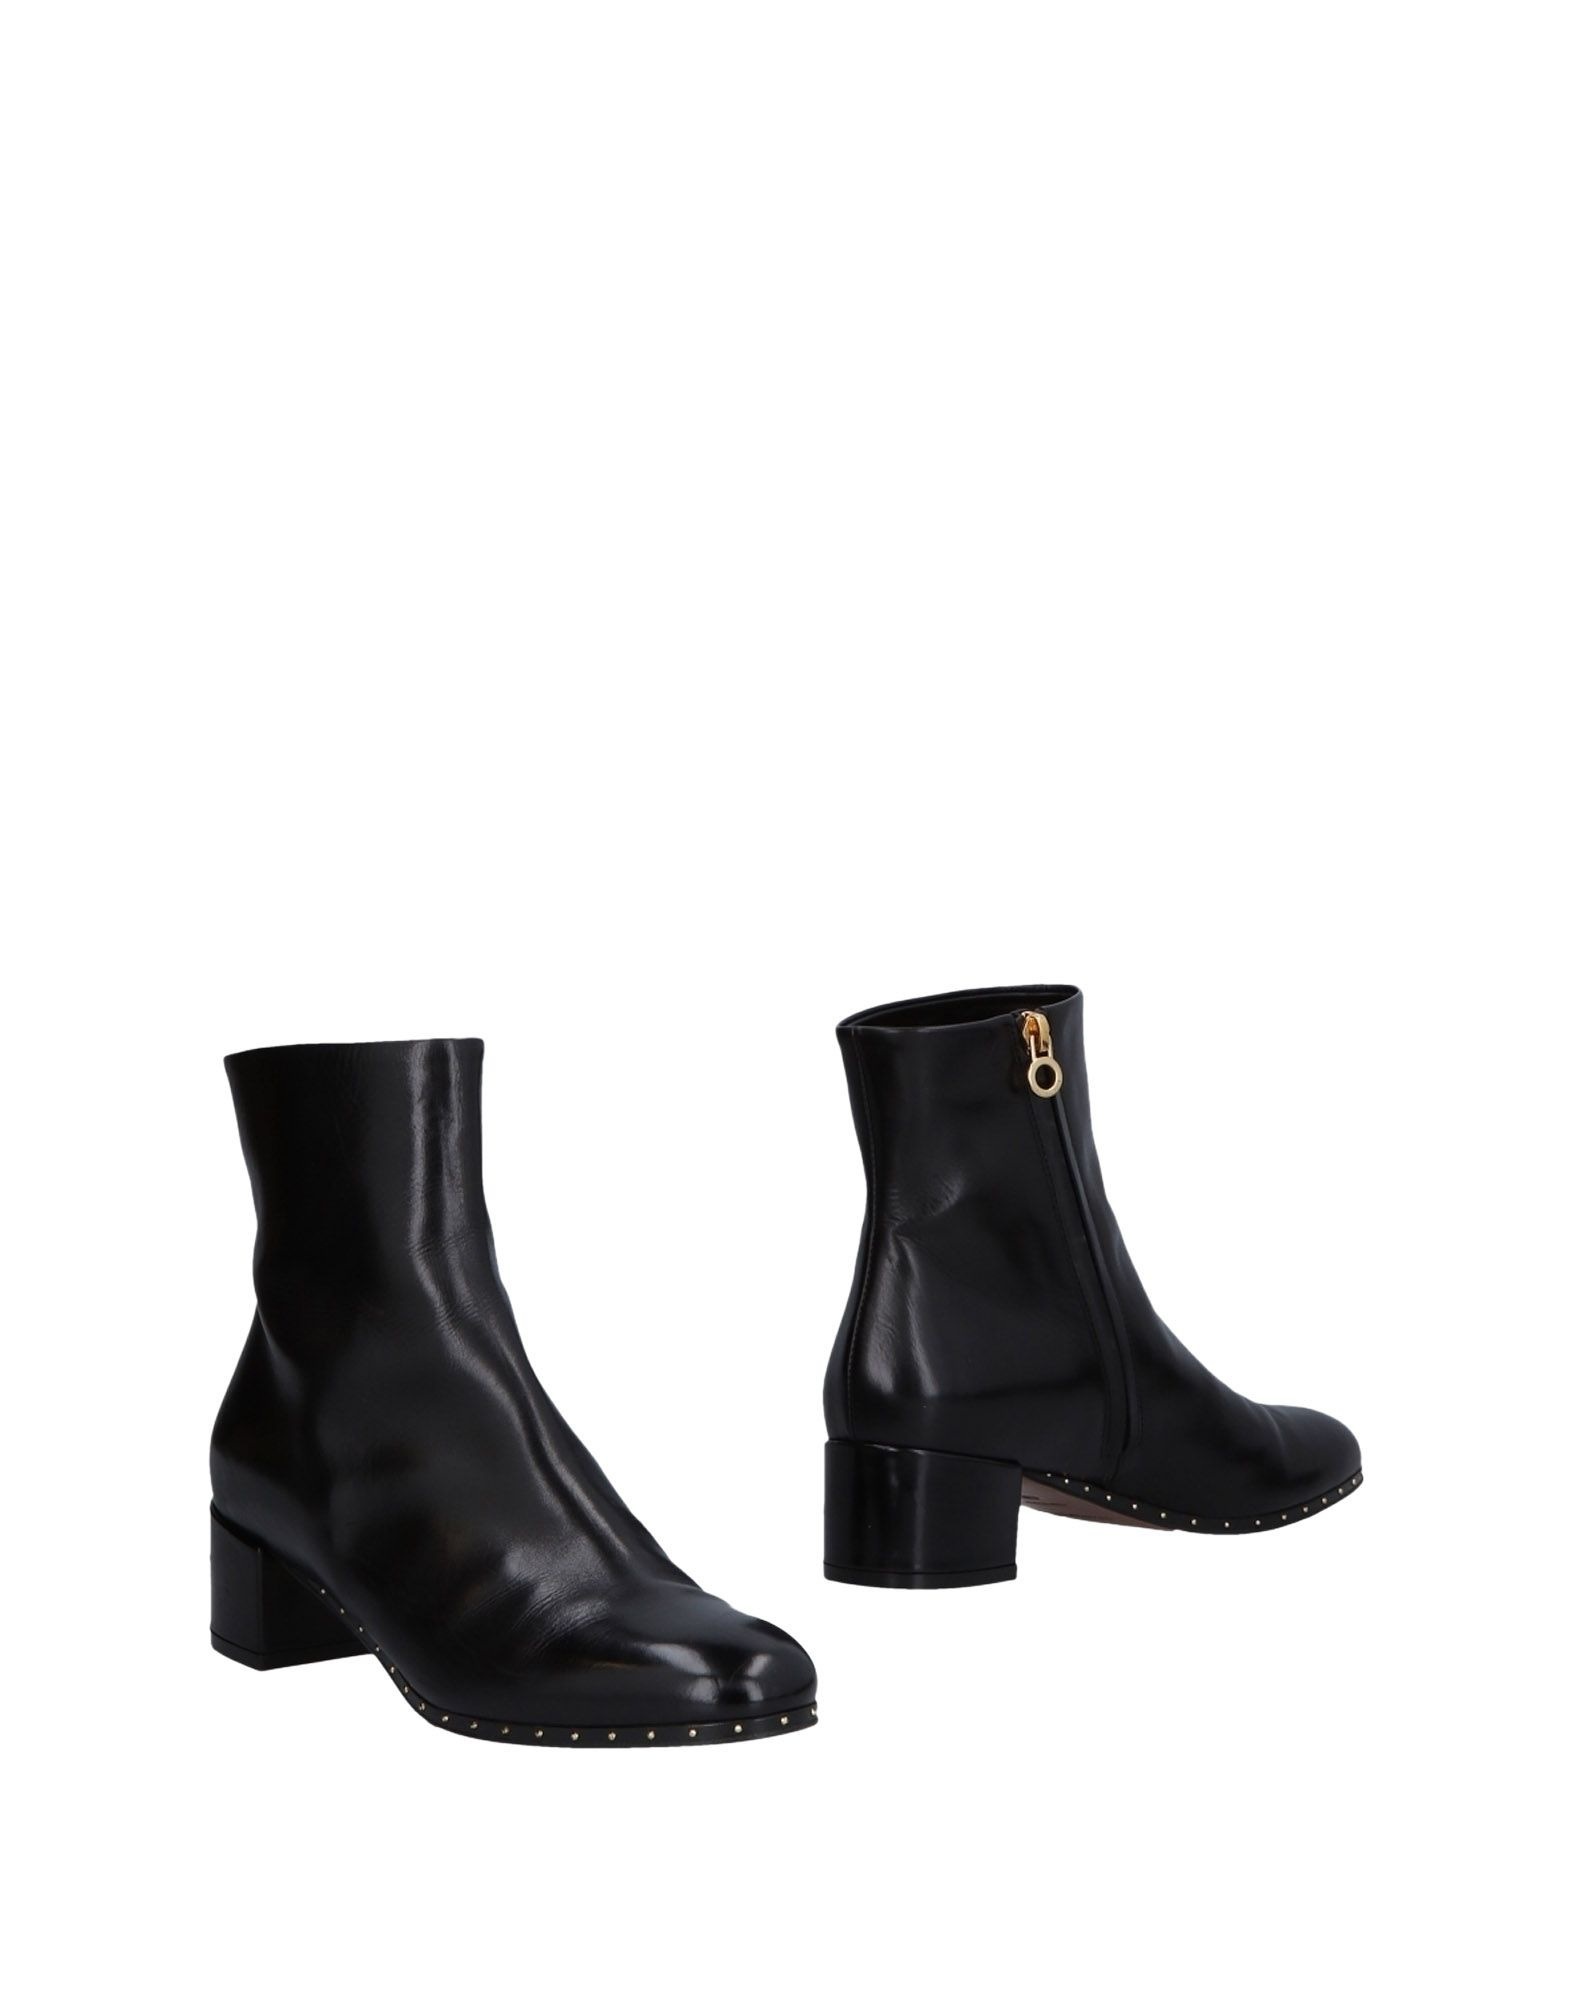 L' Autre Chose Stiefelette Damen  11474550GEGut aussehende strapazierfähige Schuhe